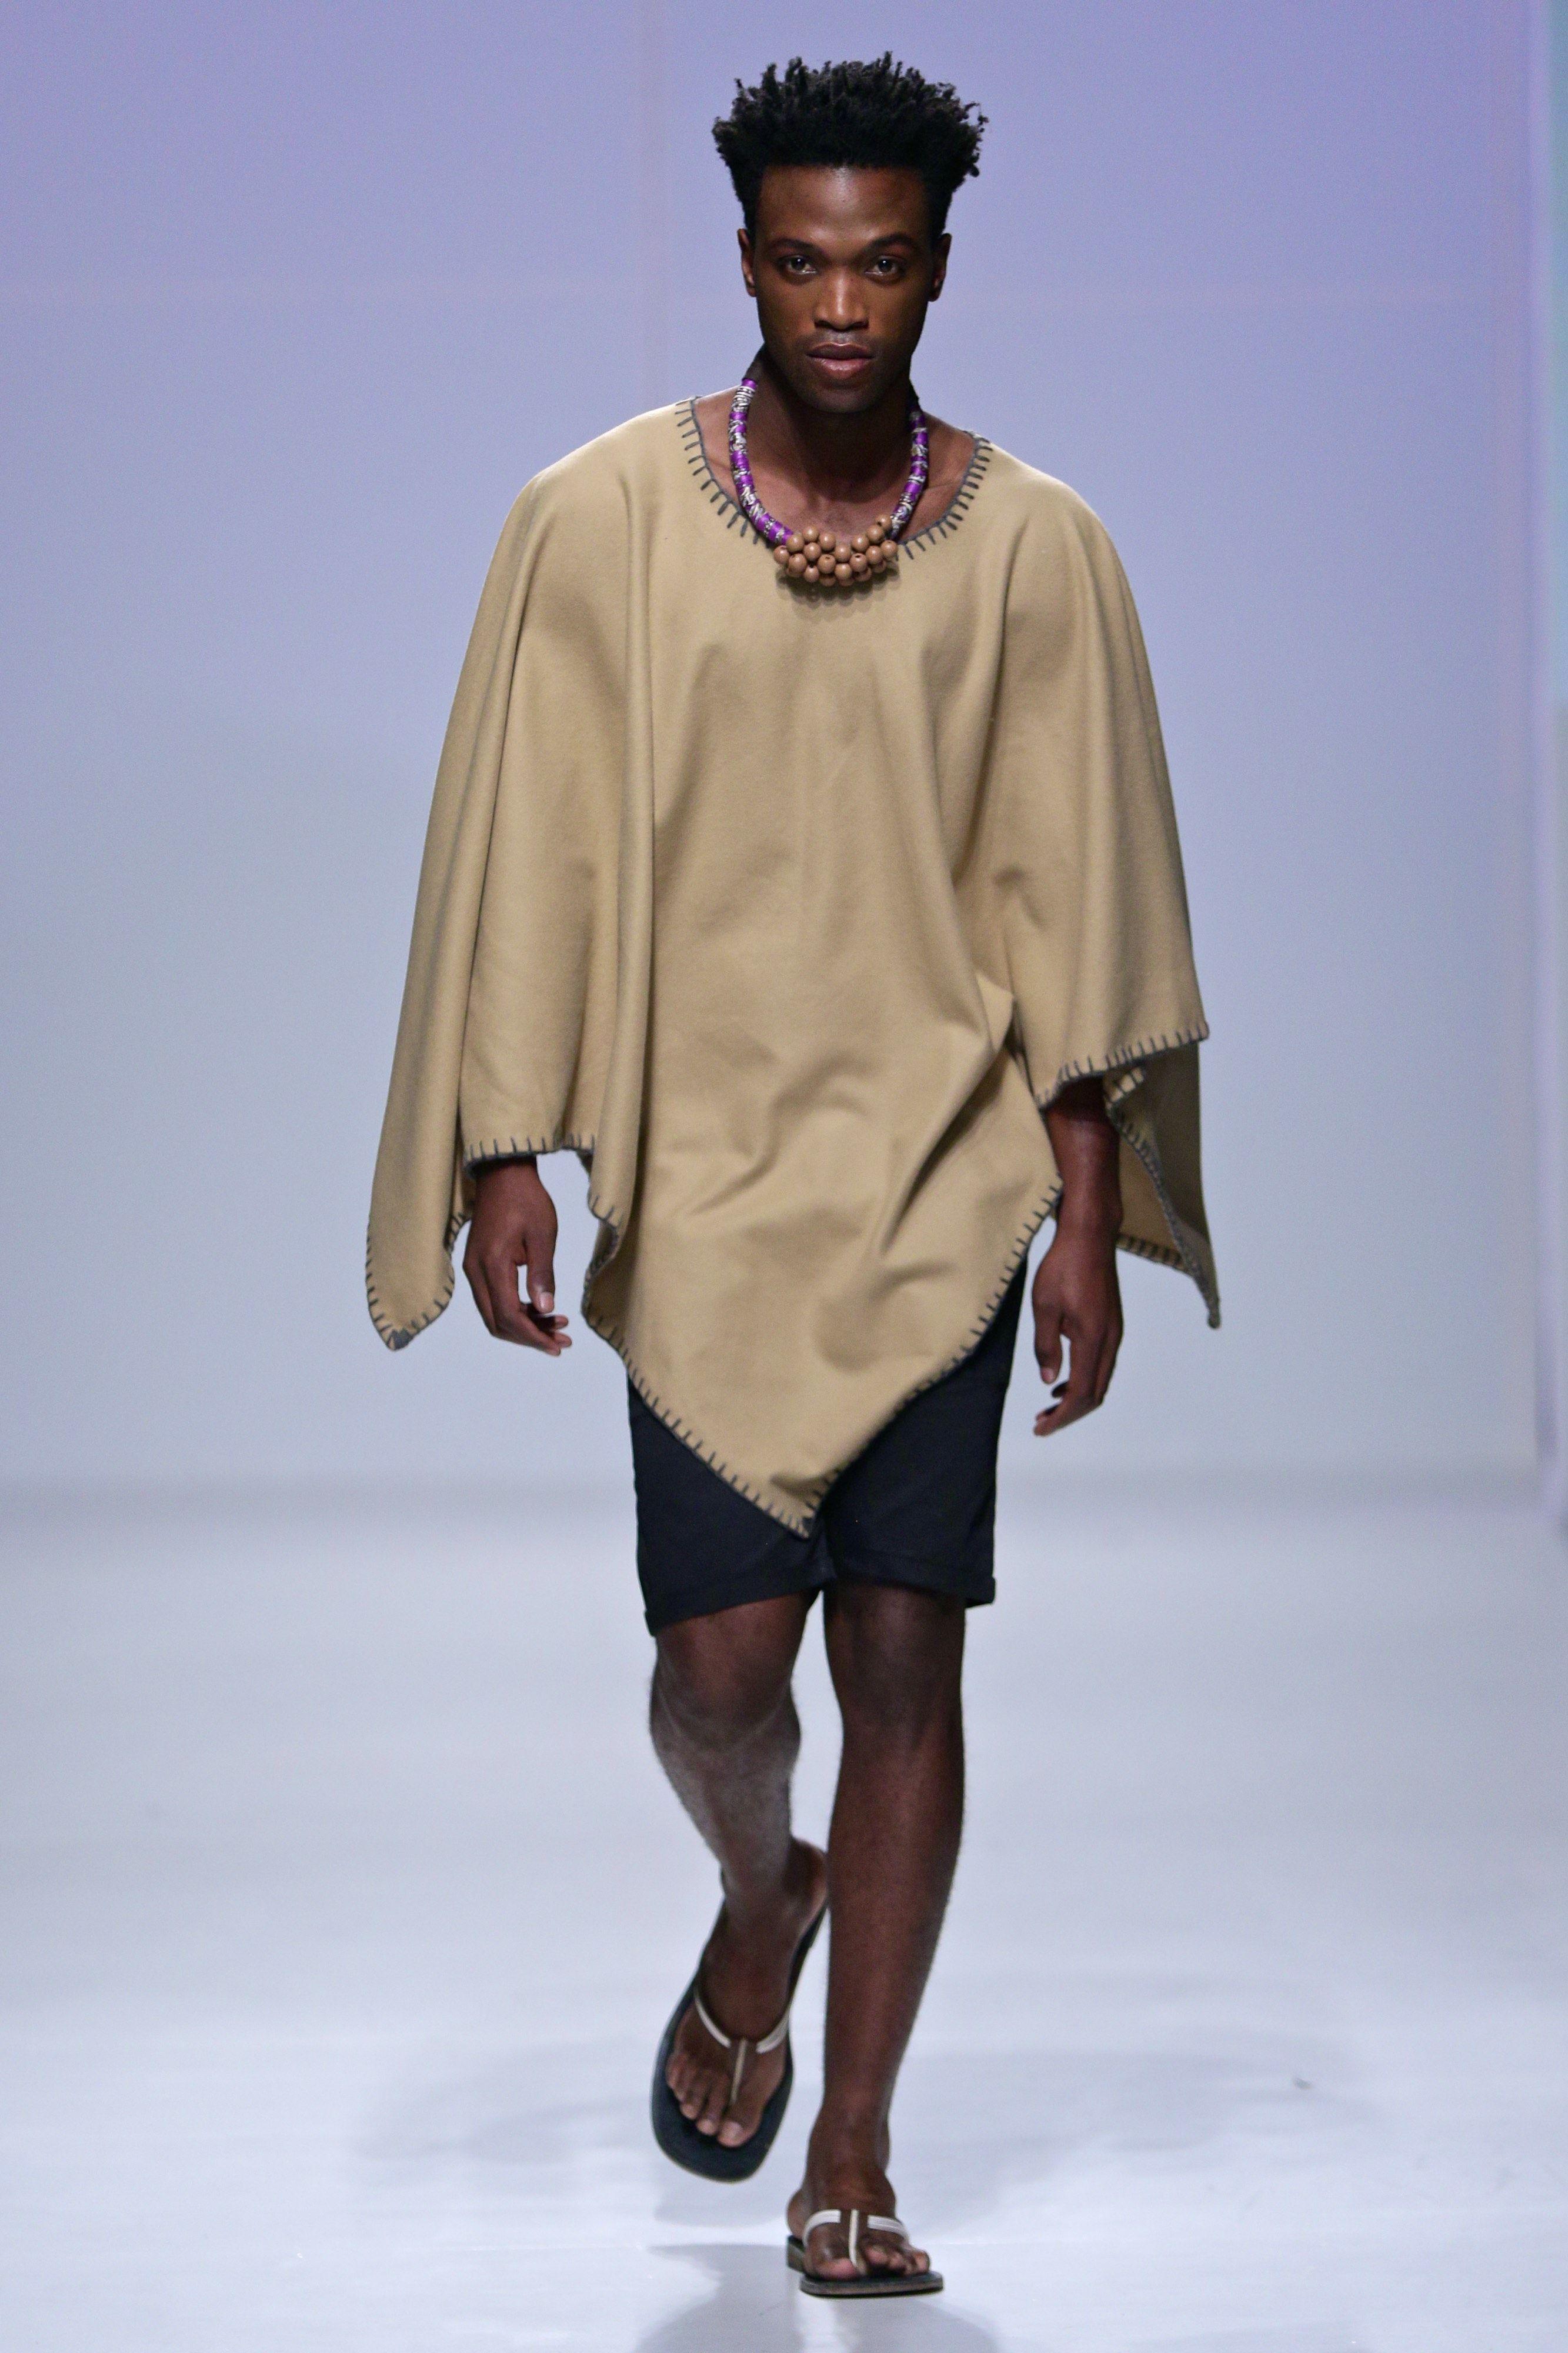 Nkuleh Langa - #Menswear #Trends #Tendencias #Moda Hombre - #DFF2015 #Durban Fashion Fair 2015